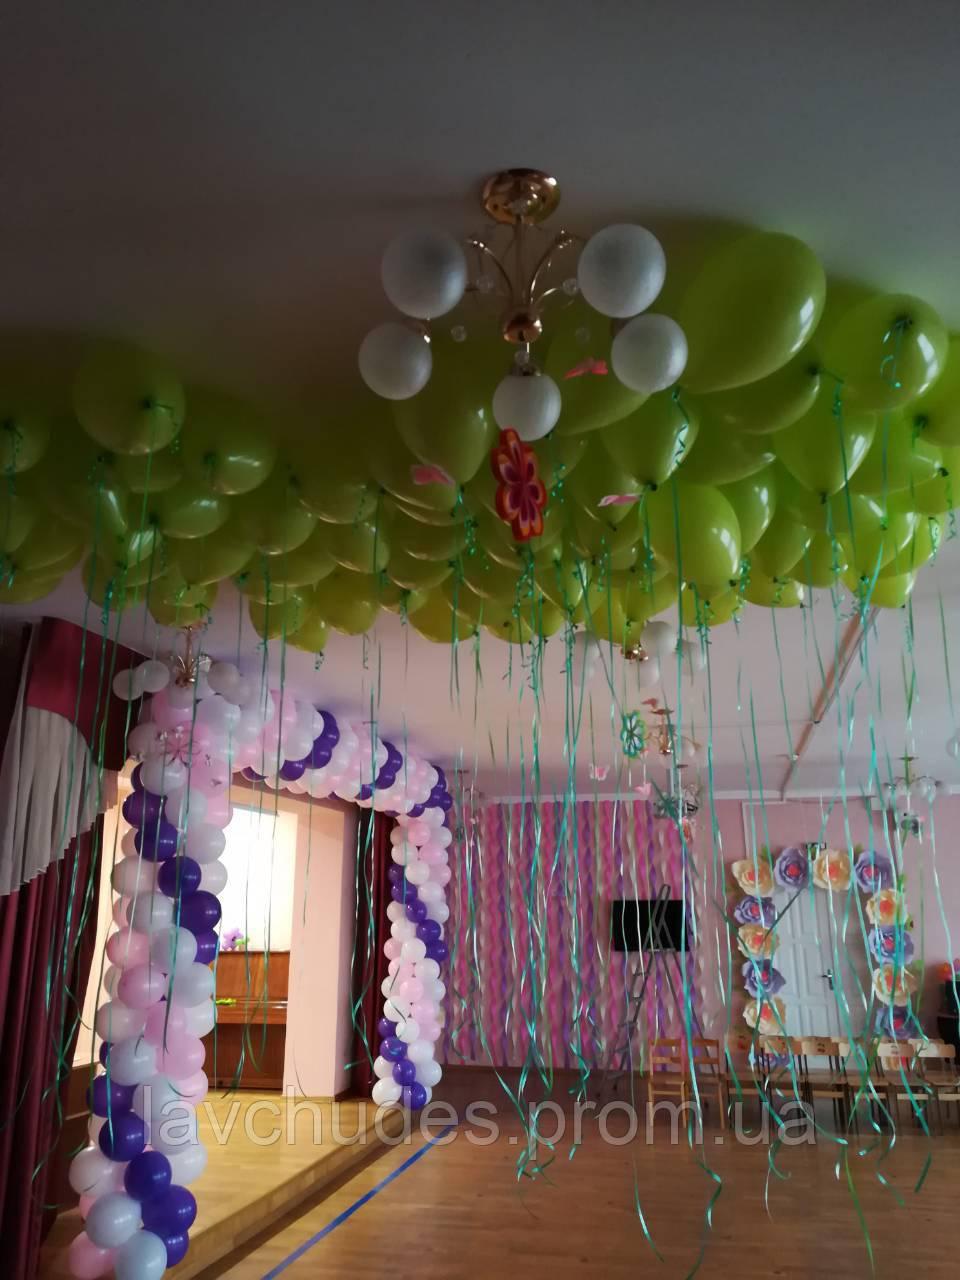 Арки из шаров на открытие, выпускной, 1 сентября. Гелиевые шары Киев. Гелиевые шары  Троещина.